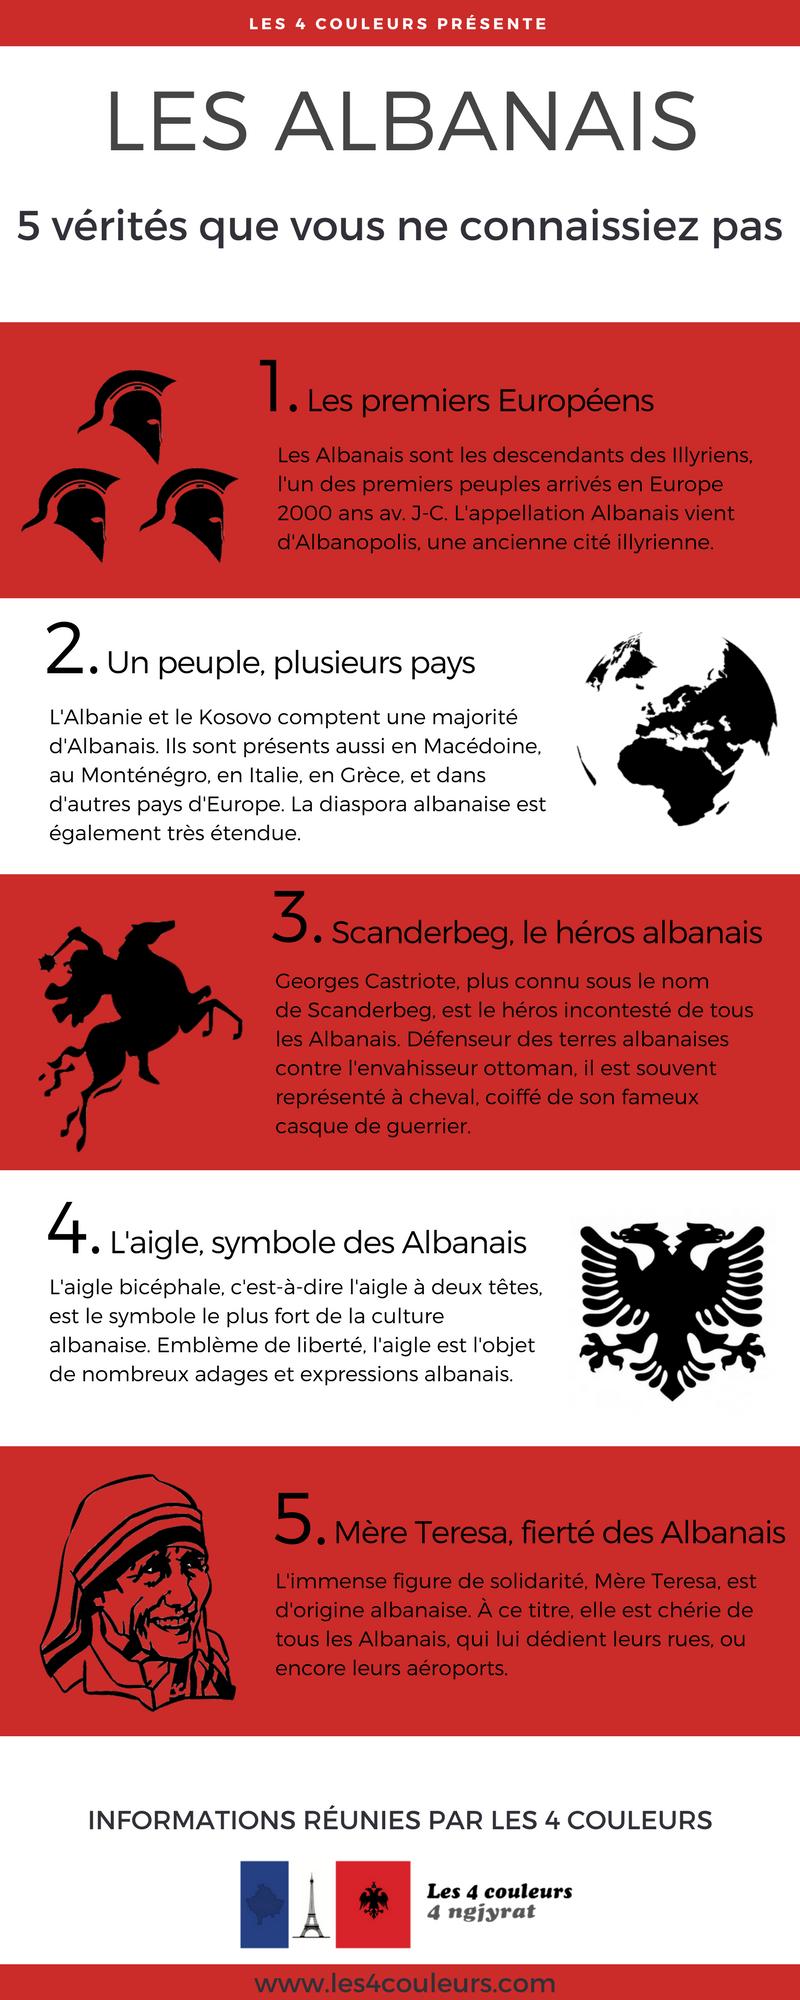 5 choses à savoir sur les Albanais